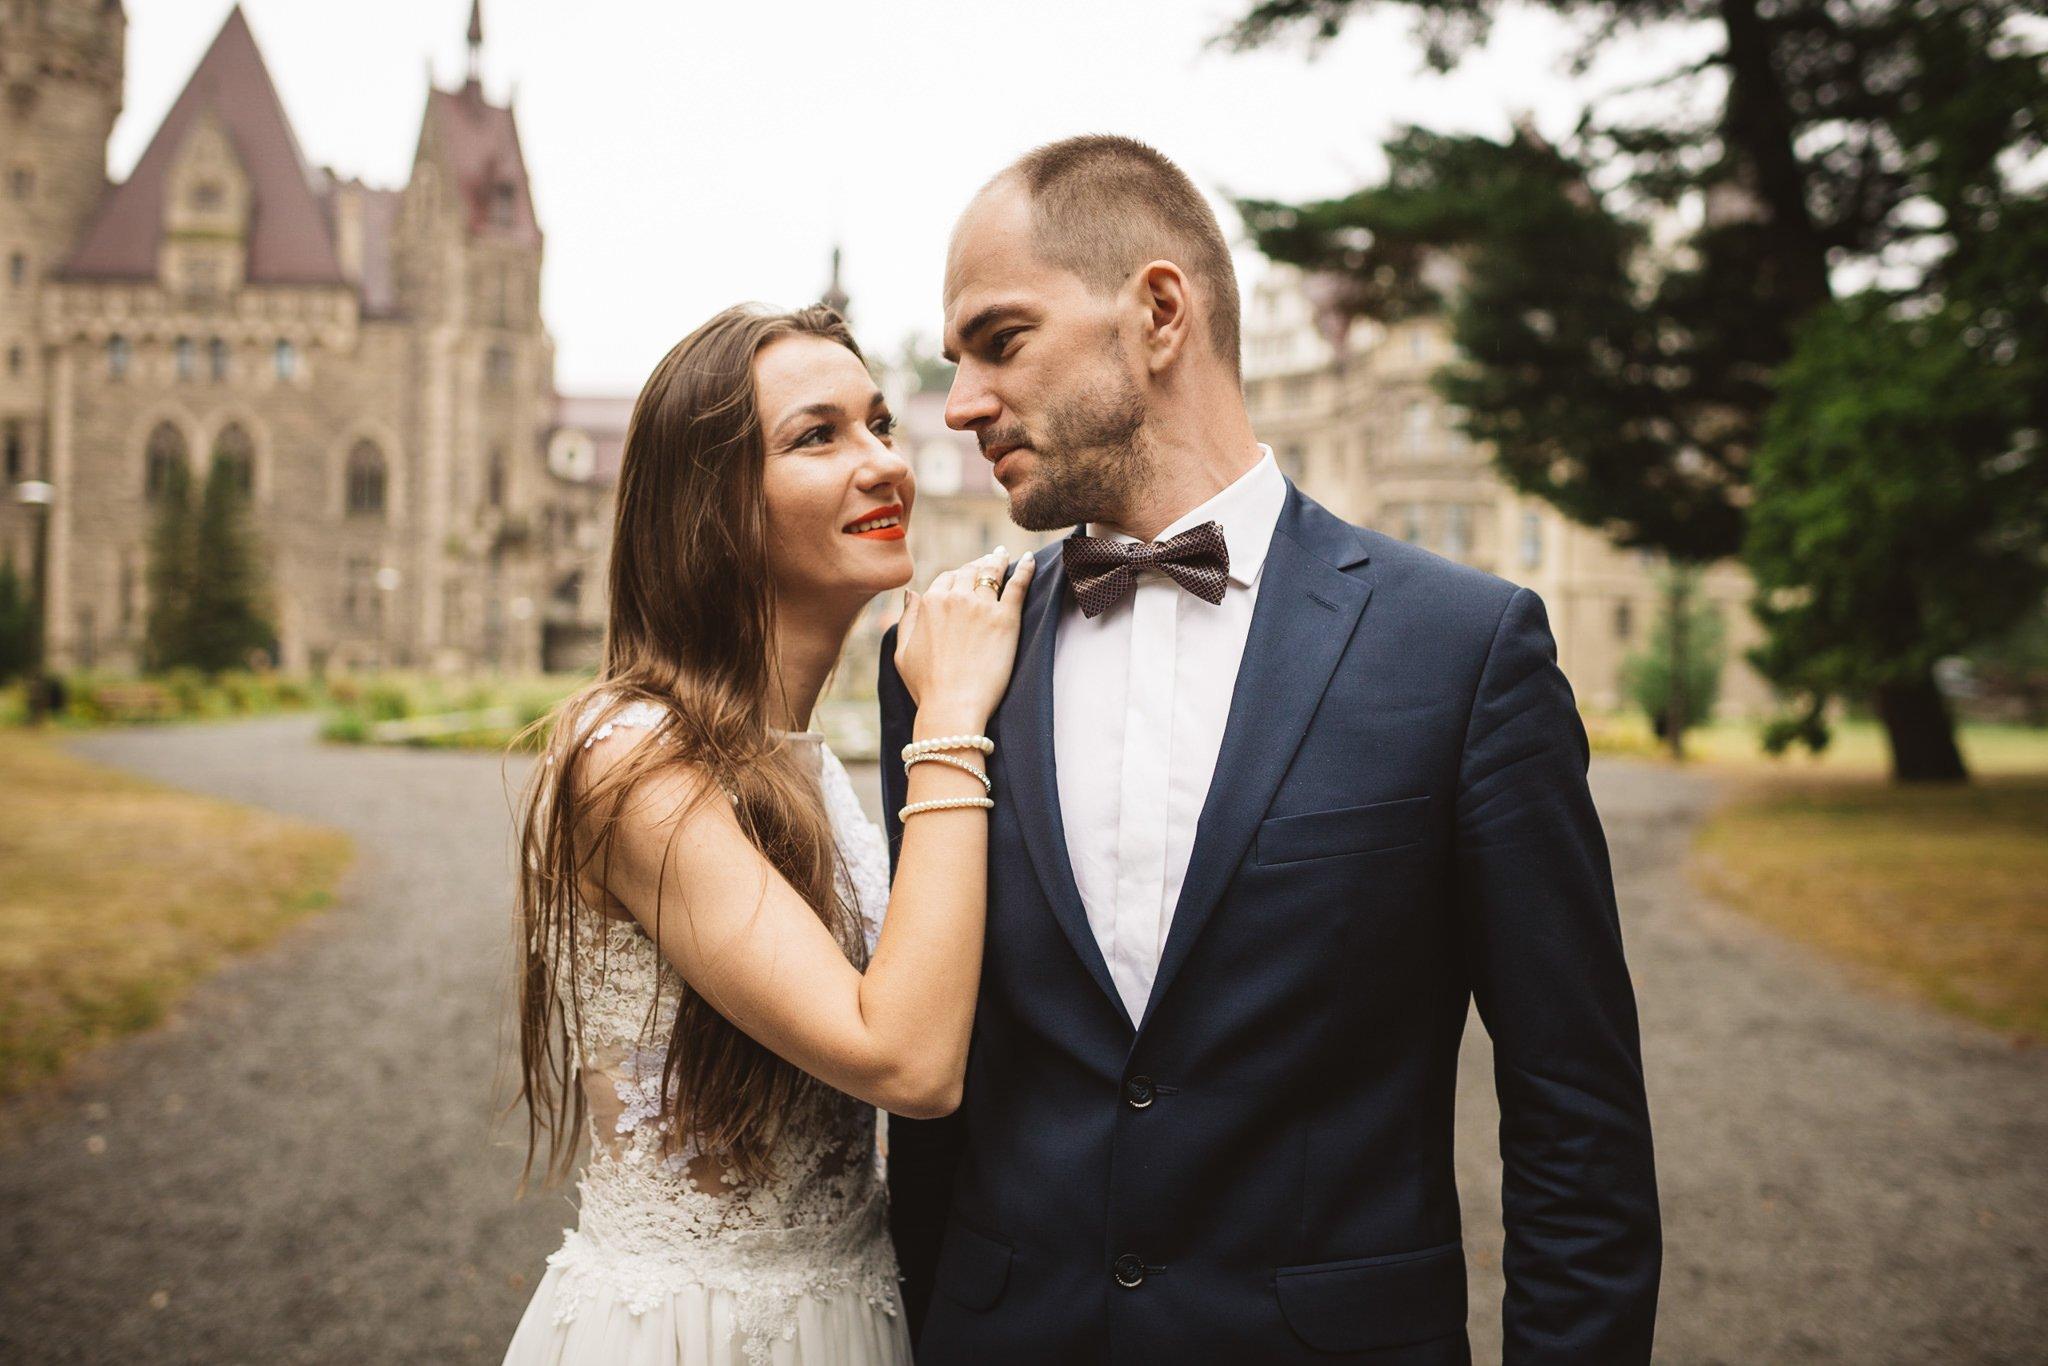 Ala i Arek, czyli jak zorganizować ślub i wesele w 4 tygodnie! 424